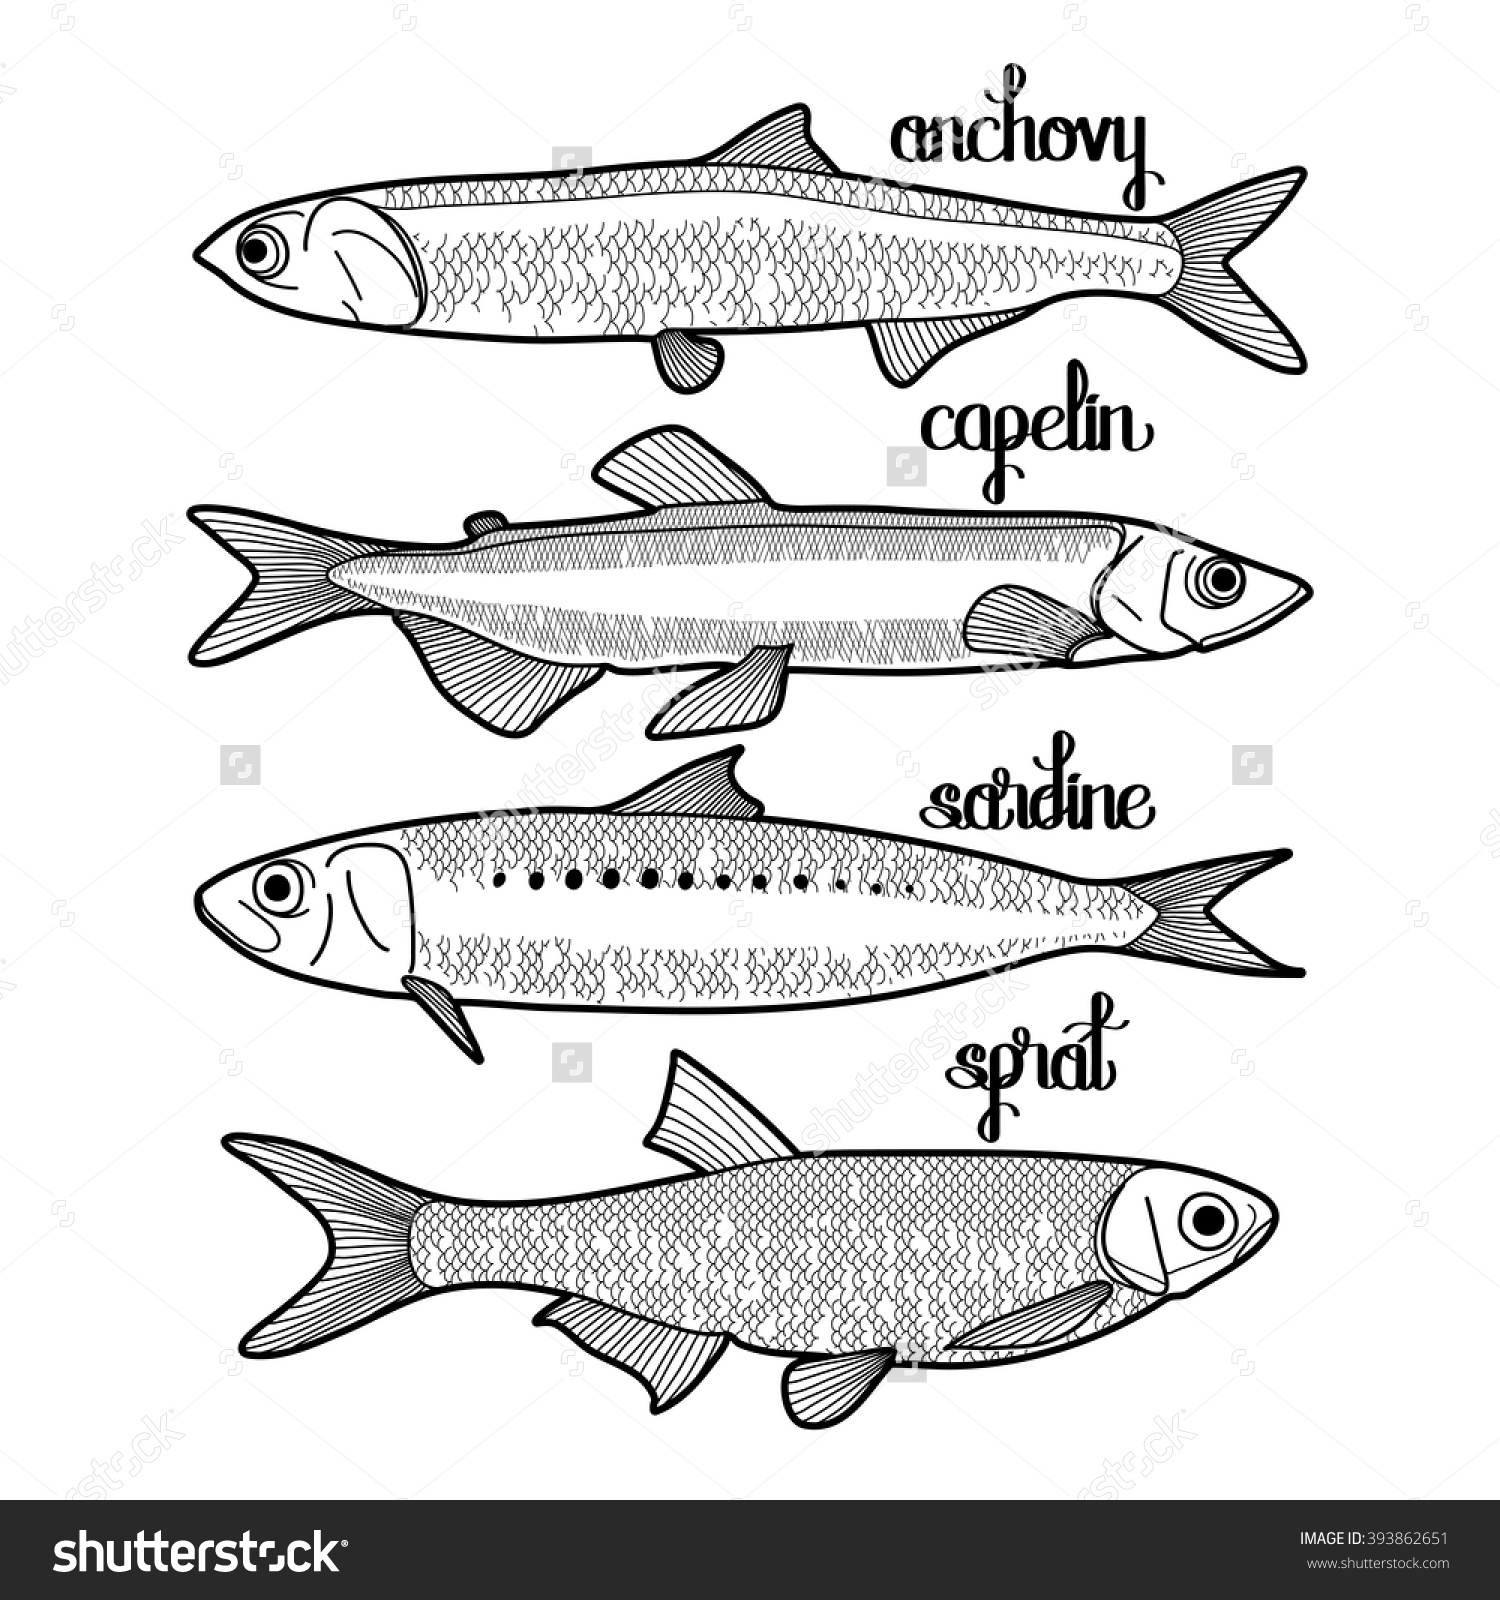 Sardine coloring #12, Download drawings